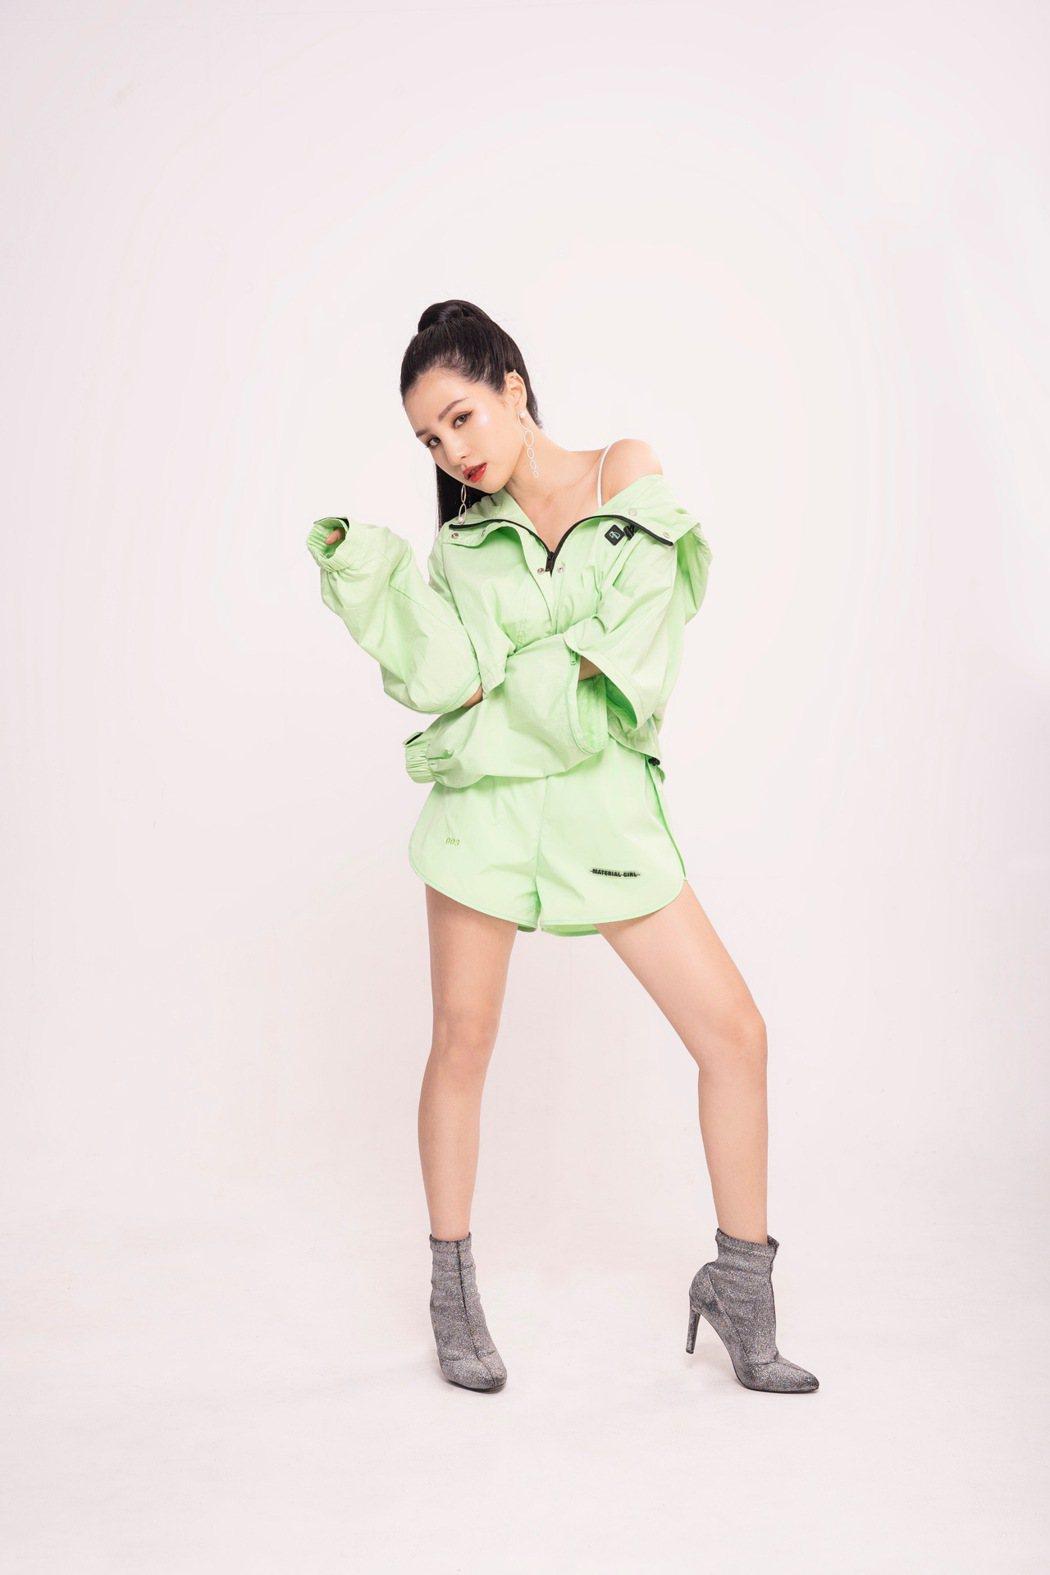 江靜推出首張個人專輯「挺好的  江靜」。圖/本色音樂提供